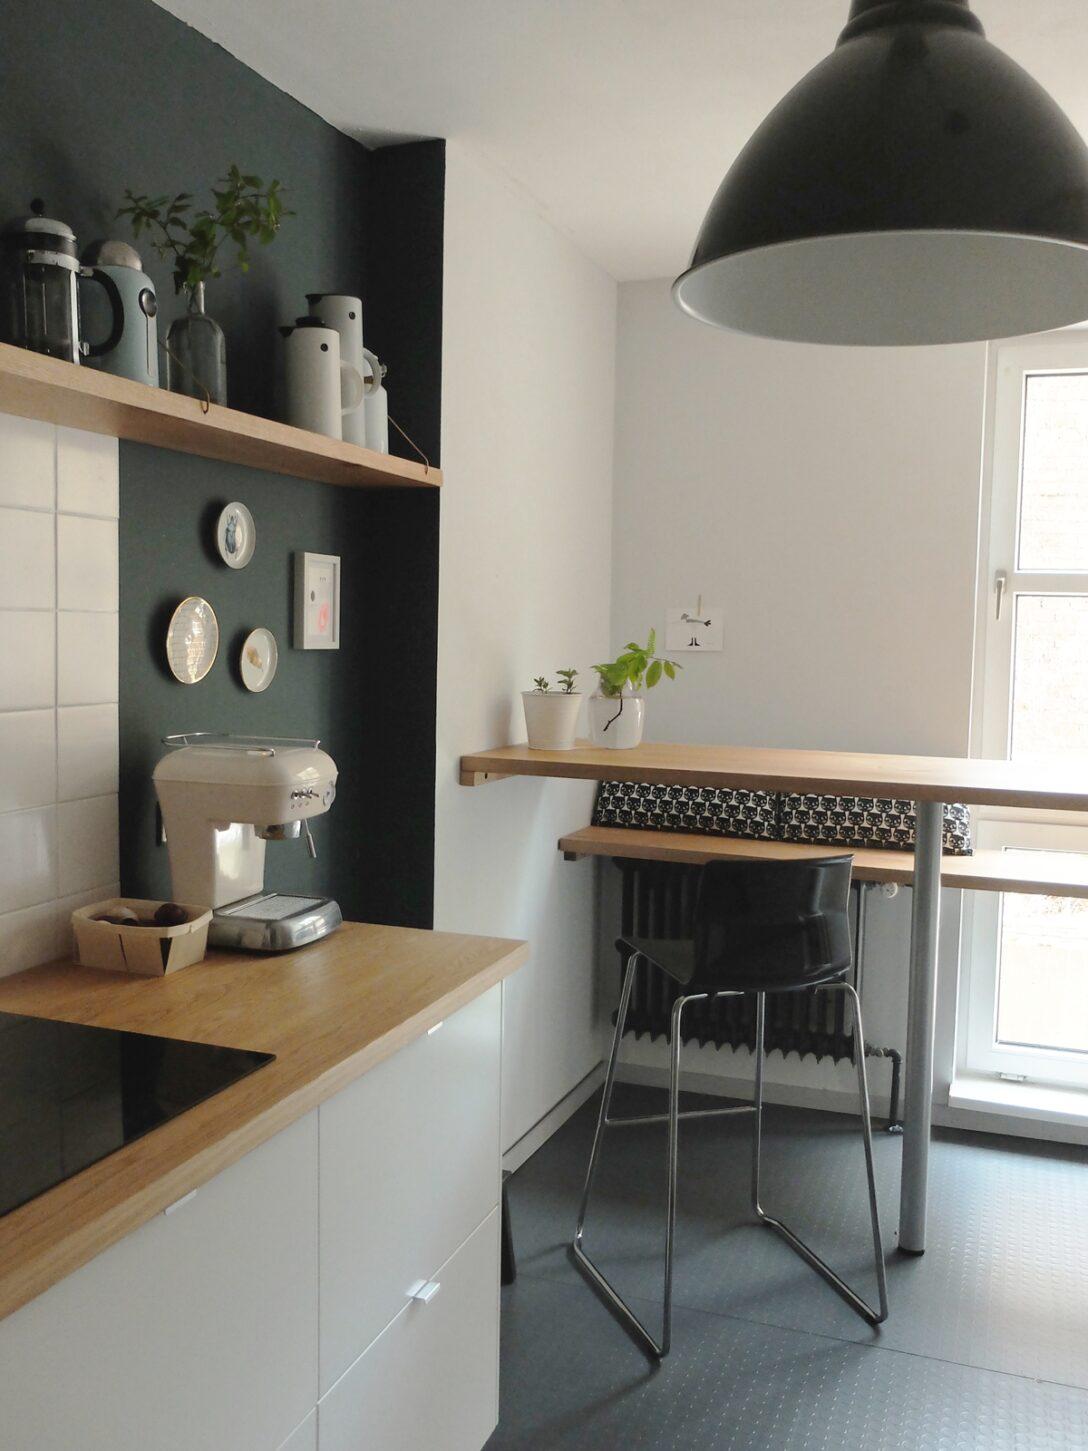 Large Size of Büroküche Lüftungsgitter Küche Hängeregal Mit Geräten Selber Planen Gewinnen Ausstellungsküche Pendelleuchten Kaufen Elektrogeräten Eckunterschrank Wohnzimmer Weiße Küche Wandfarbe